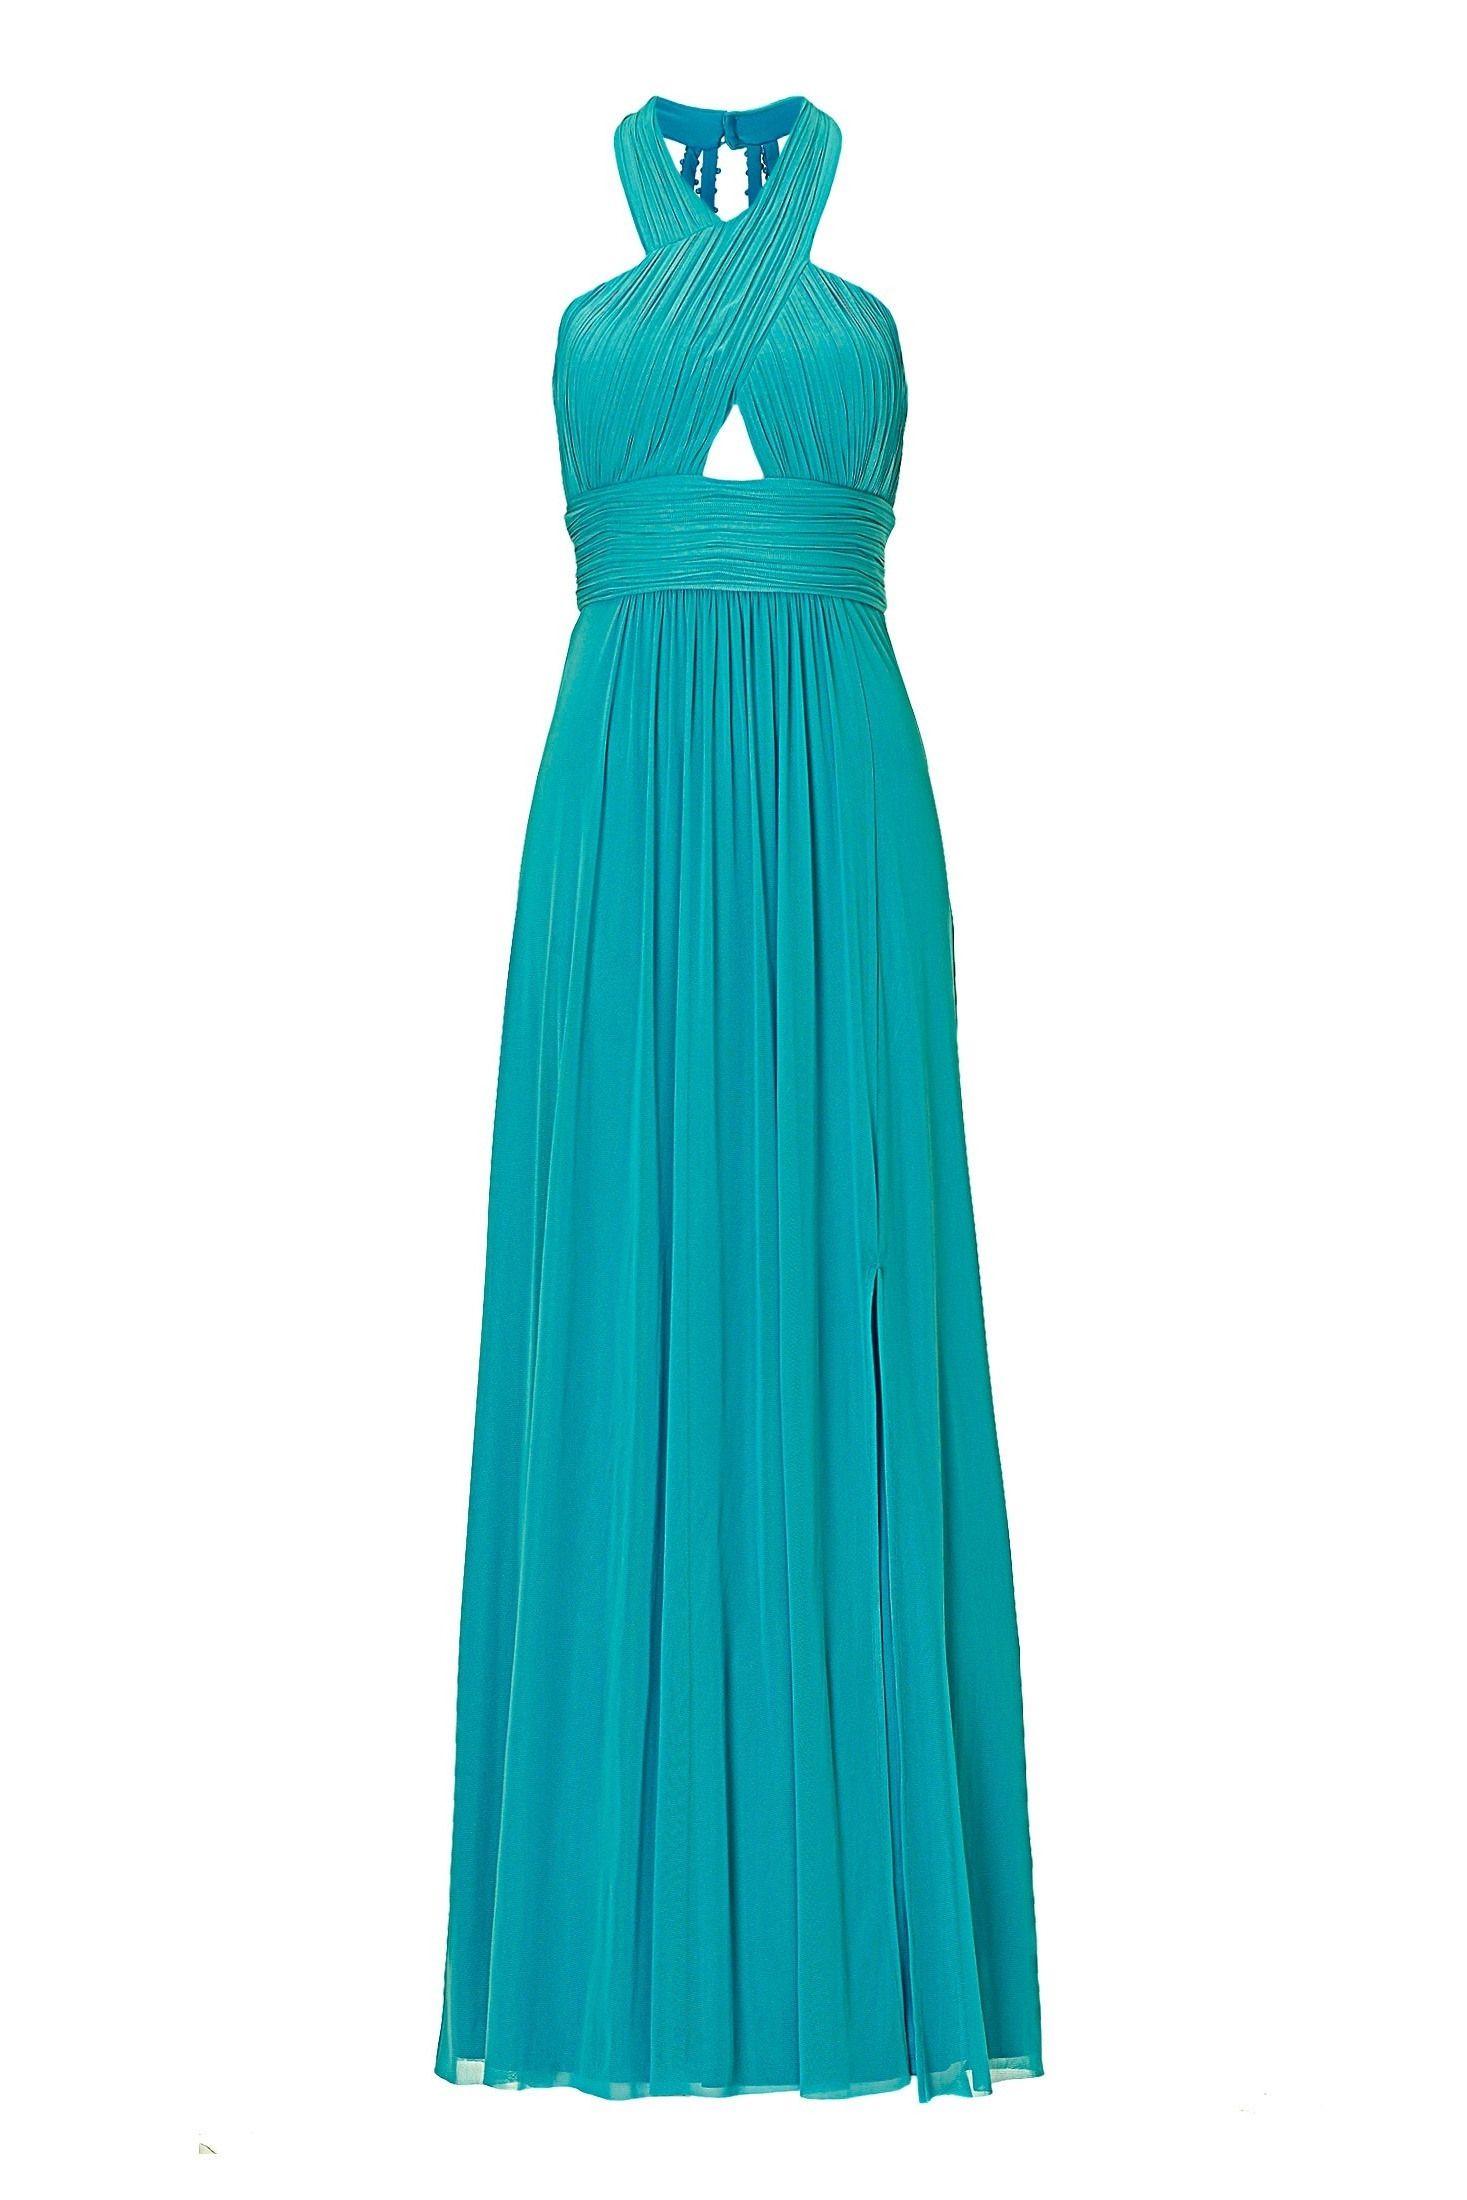 Abend Großartig Türkises Langes Kleid Design in 11  Abendkleid